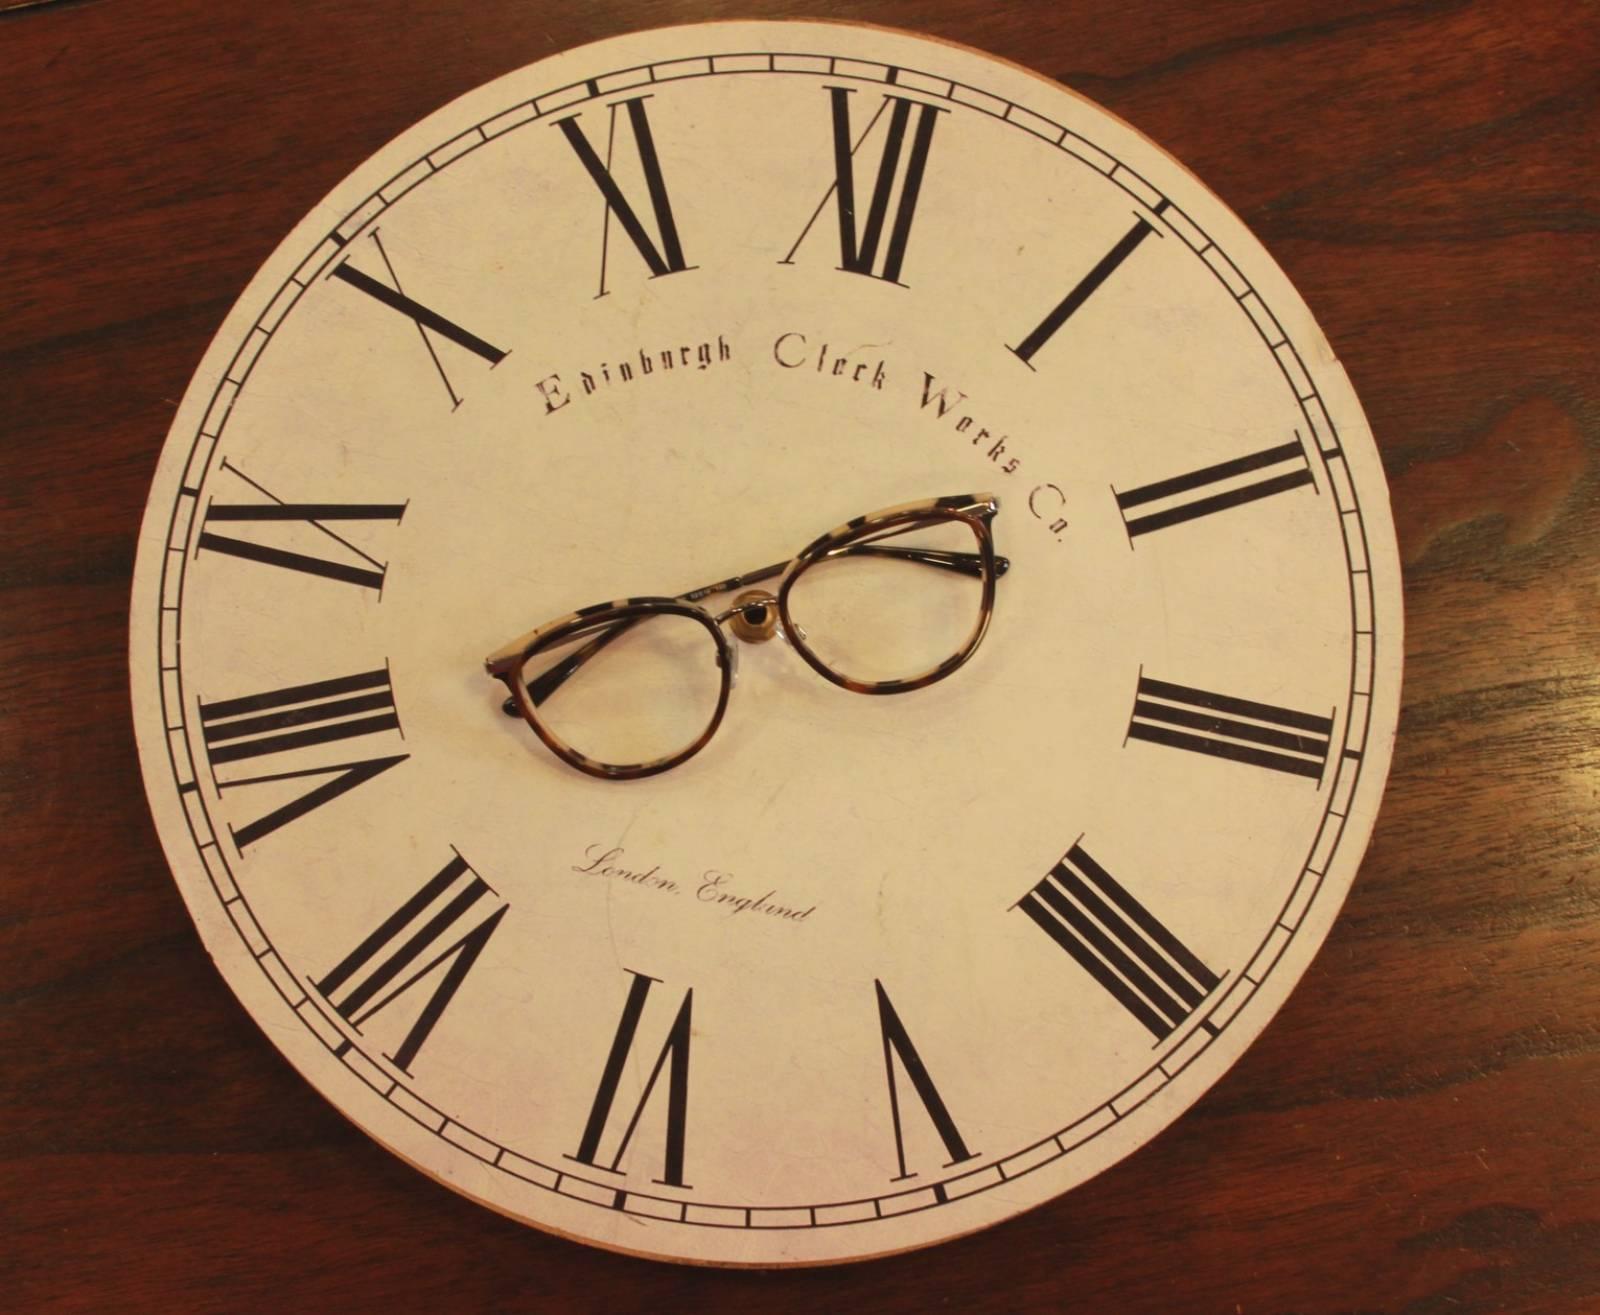 f323d39afd1e8 Où acheter des lunettes de vue